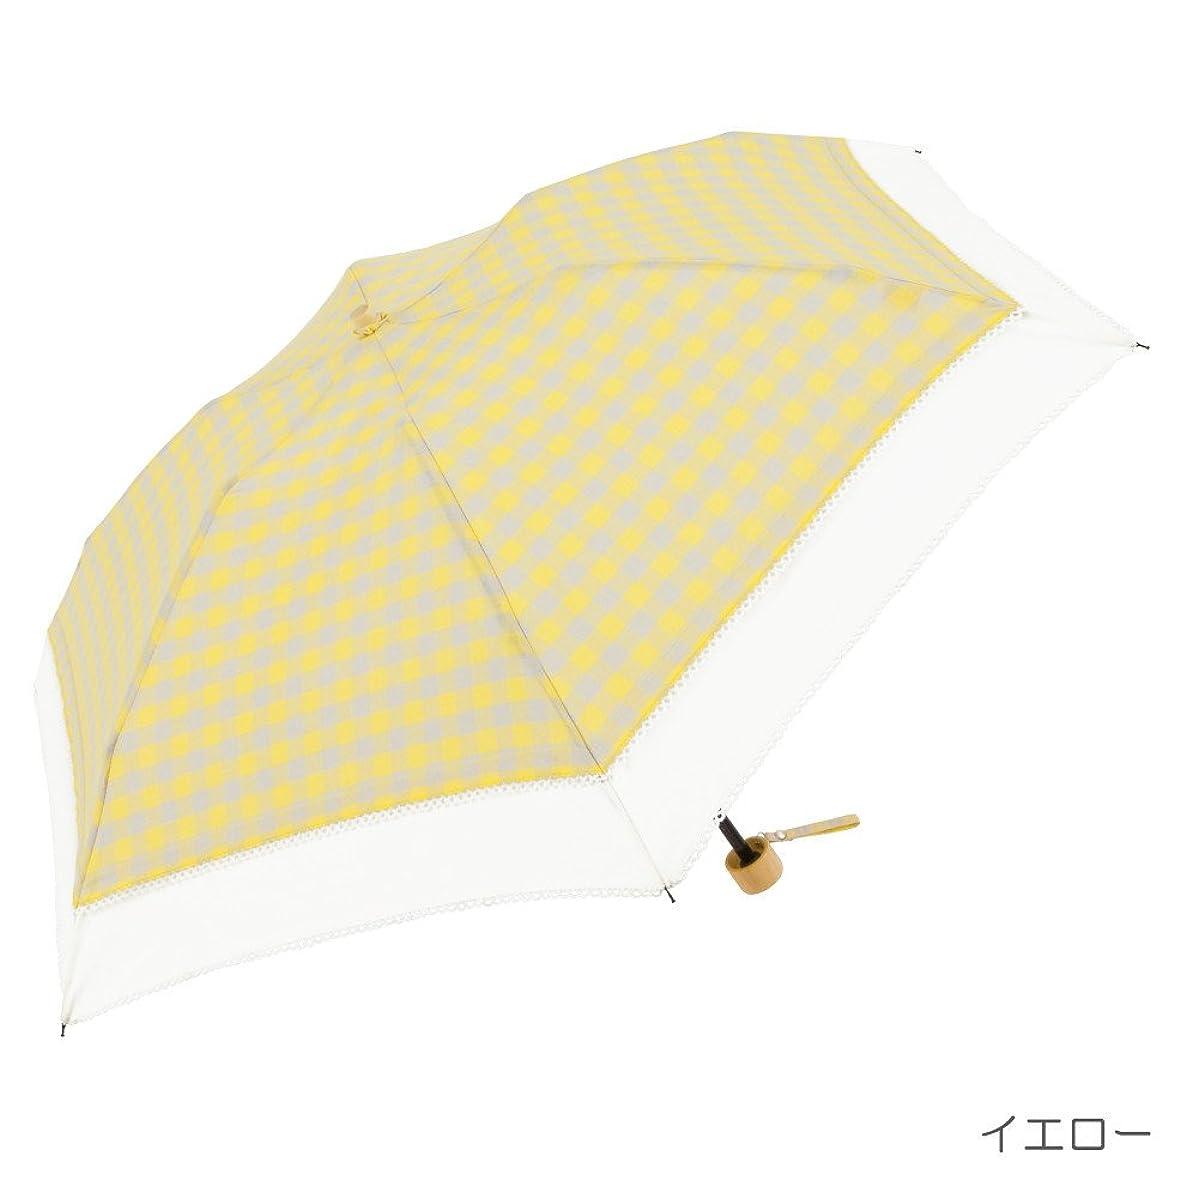 神経障害わずかに八百屋晴雨兼用 レディース 折りたたみ傘 おしゃれな ギンガムチェック柄 47cm UVカット